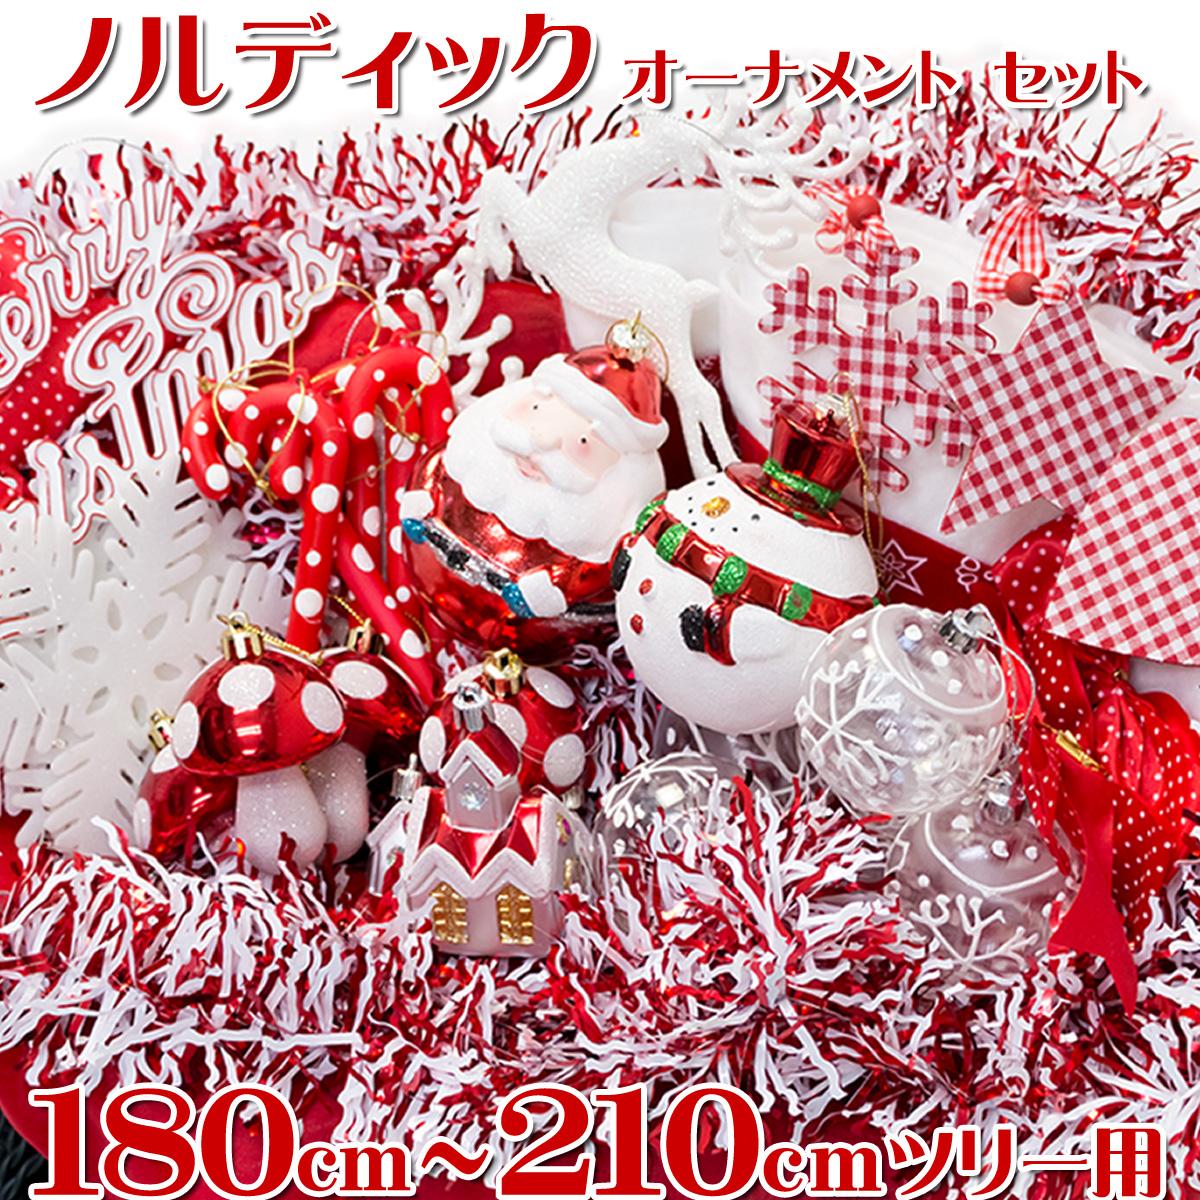 クリスマスツリー オーナメントセット 180~210cm ノルディック 北欧 飾り セット